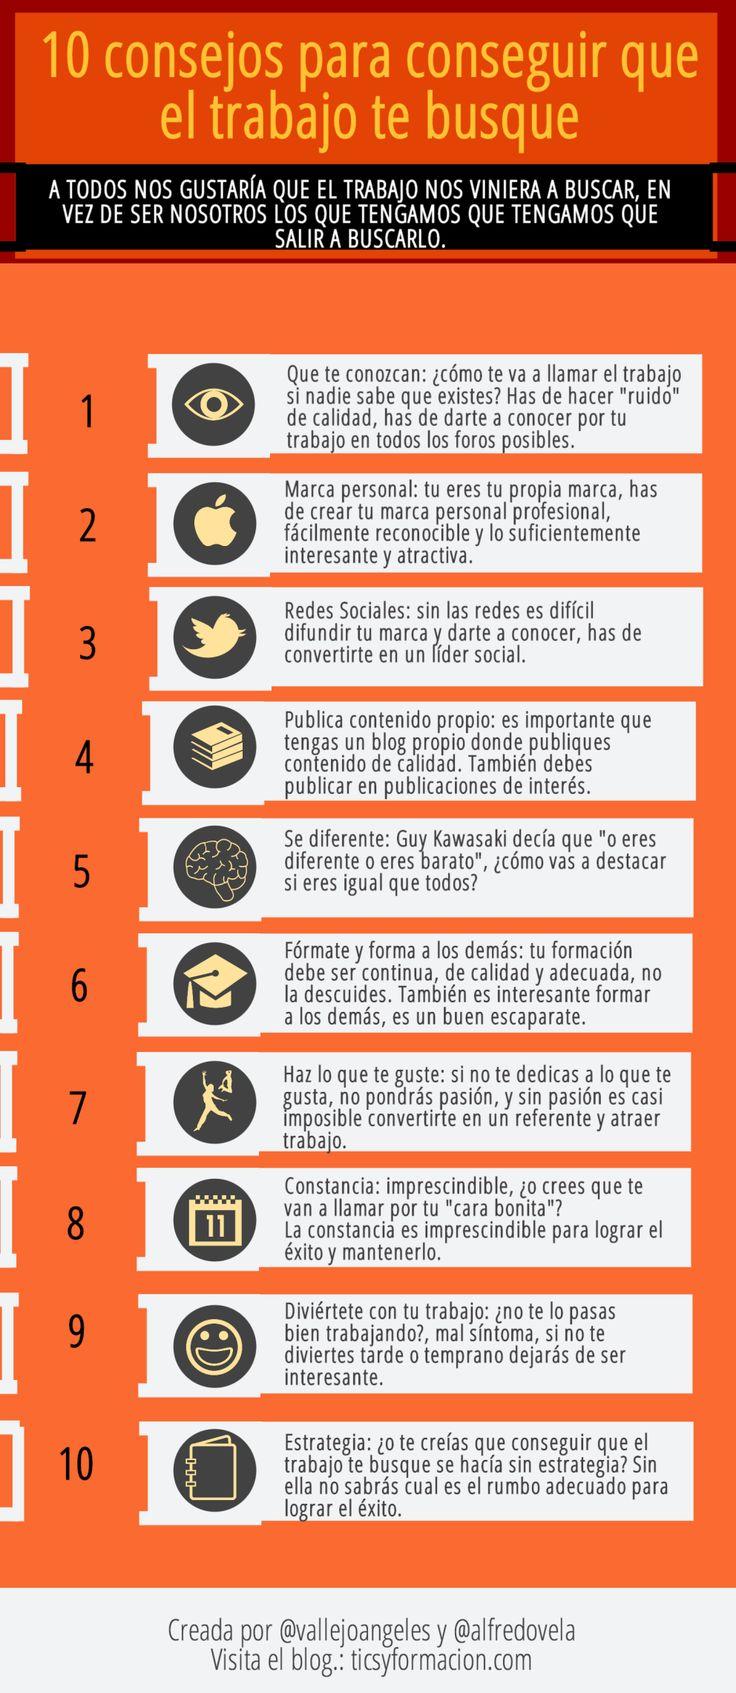 10 consejos para que el trabajo te busque #infografia